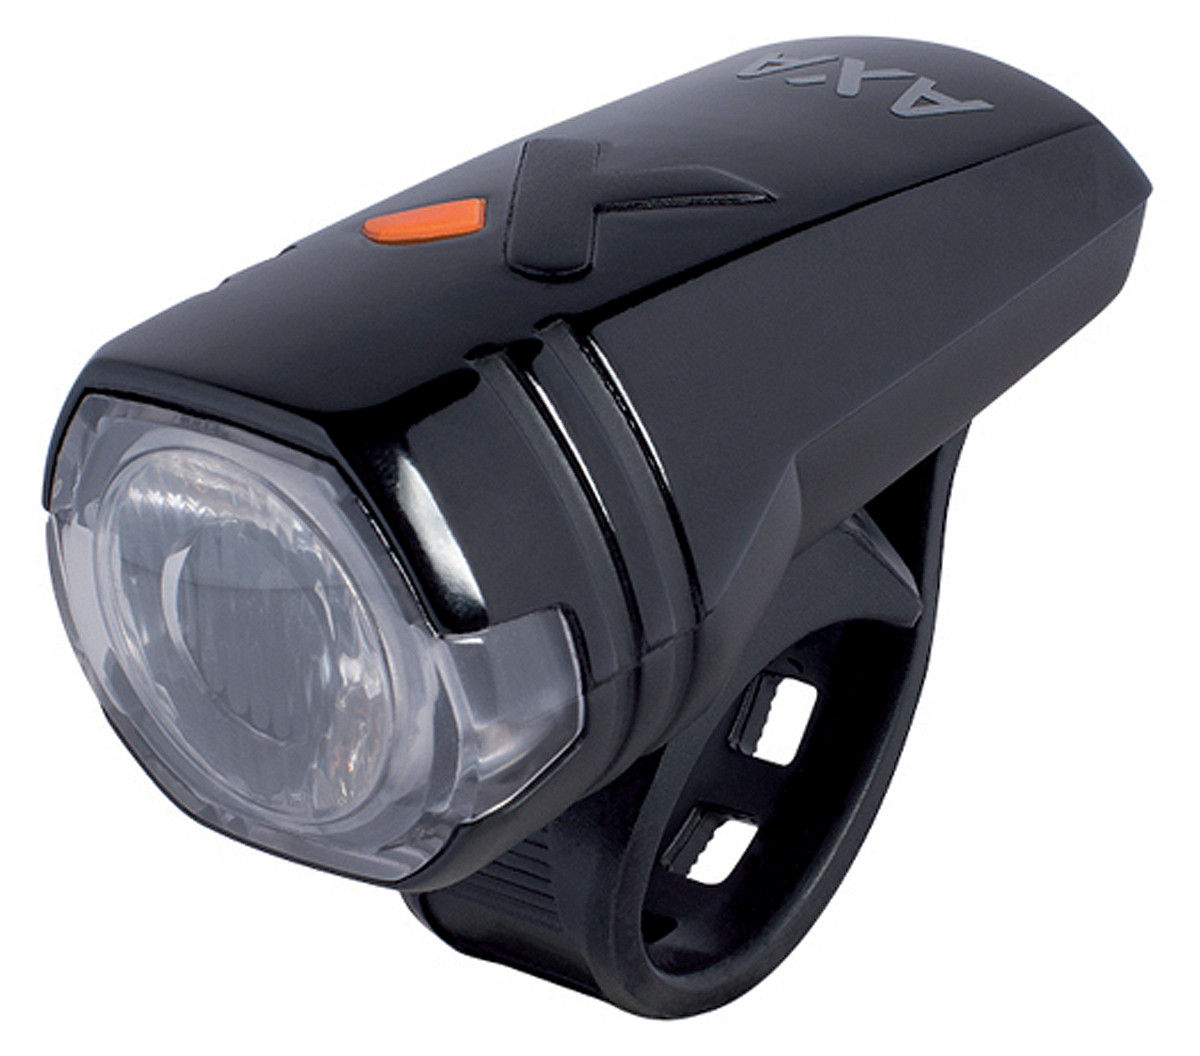 AXA verlichtingsset led batterij greenline usb oplaadbaar 15 lux voorlicht + 1 led achterlicht